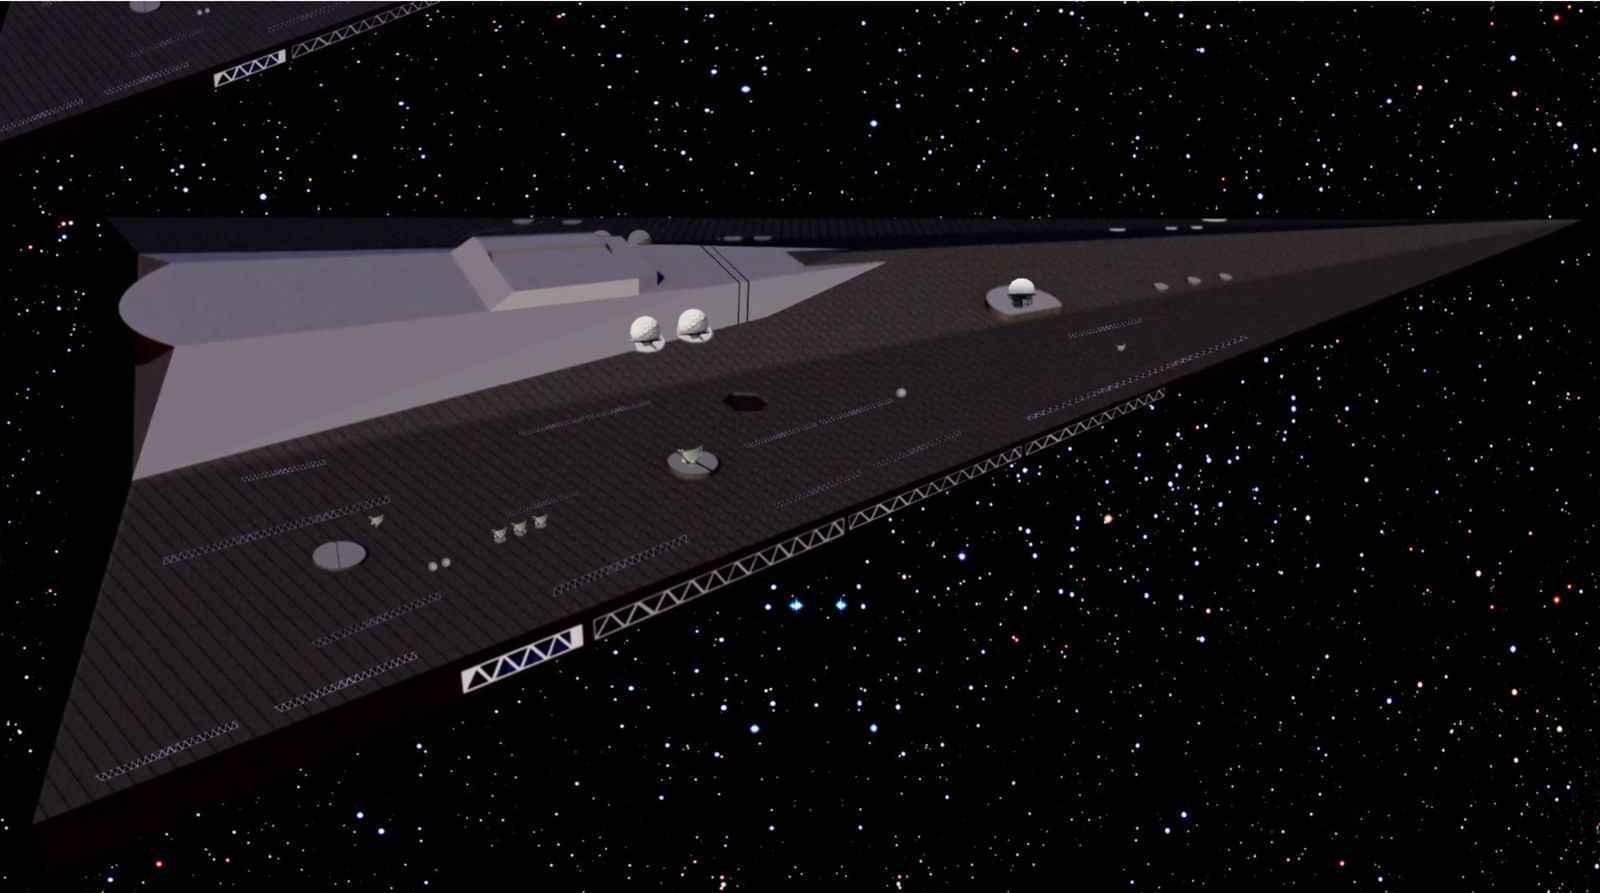 4_sleek_spacecraft.jpg